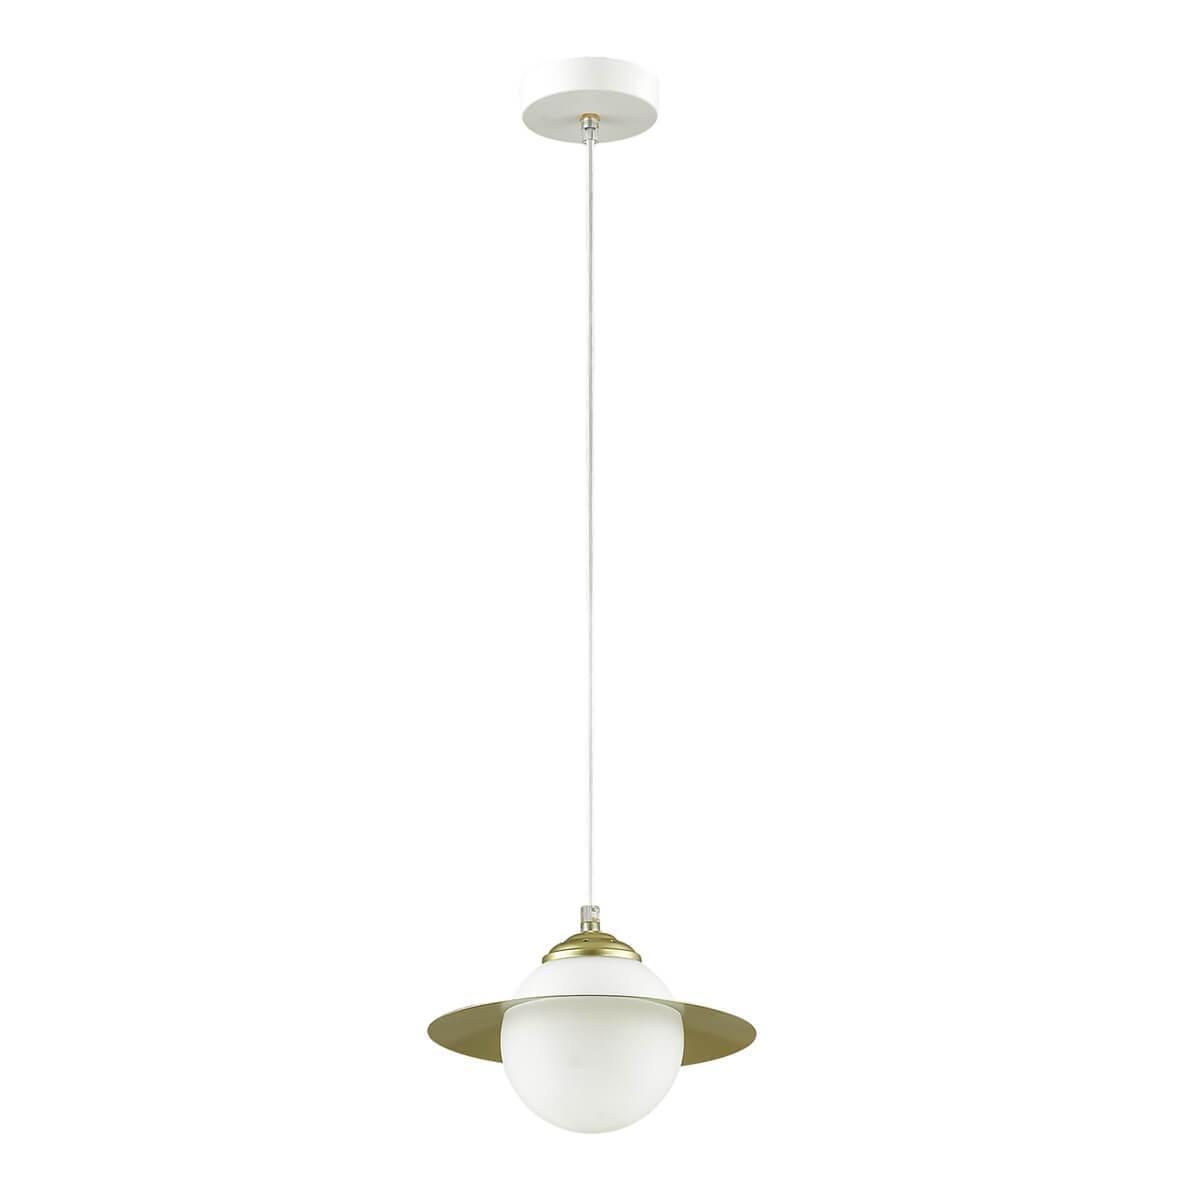 Подвесной светильник Lumion Priscilla 3666/1 подвесной светильник lumion 3144 1